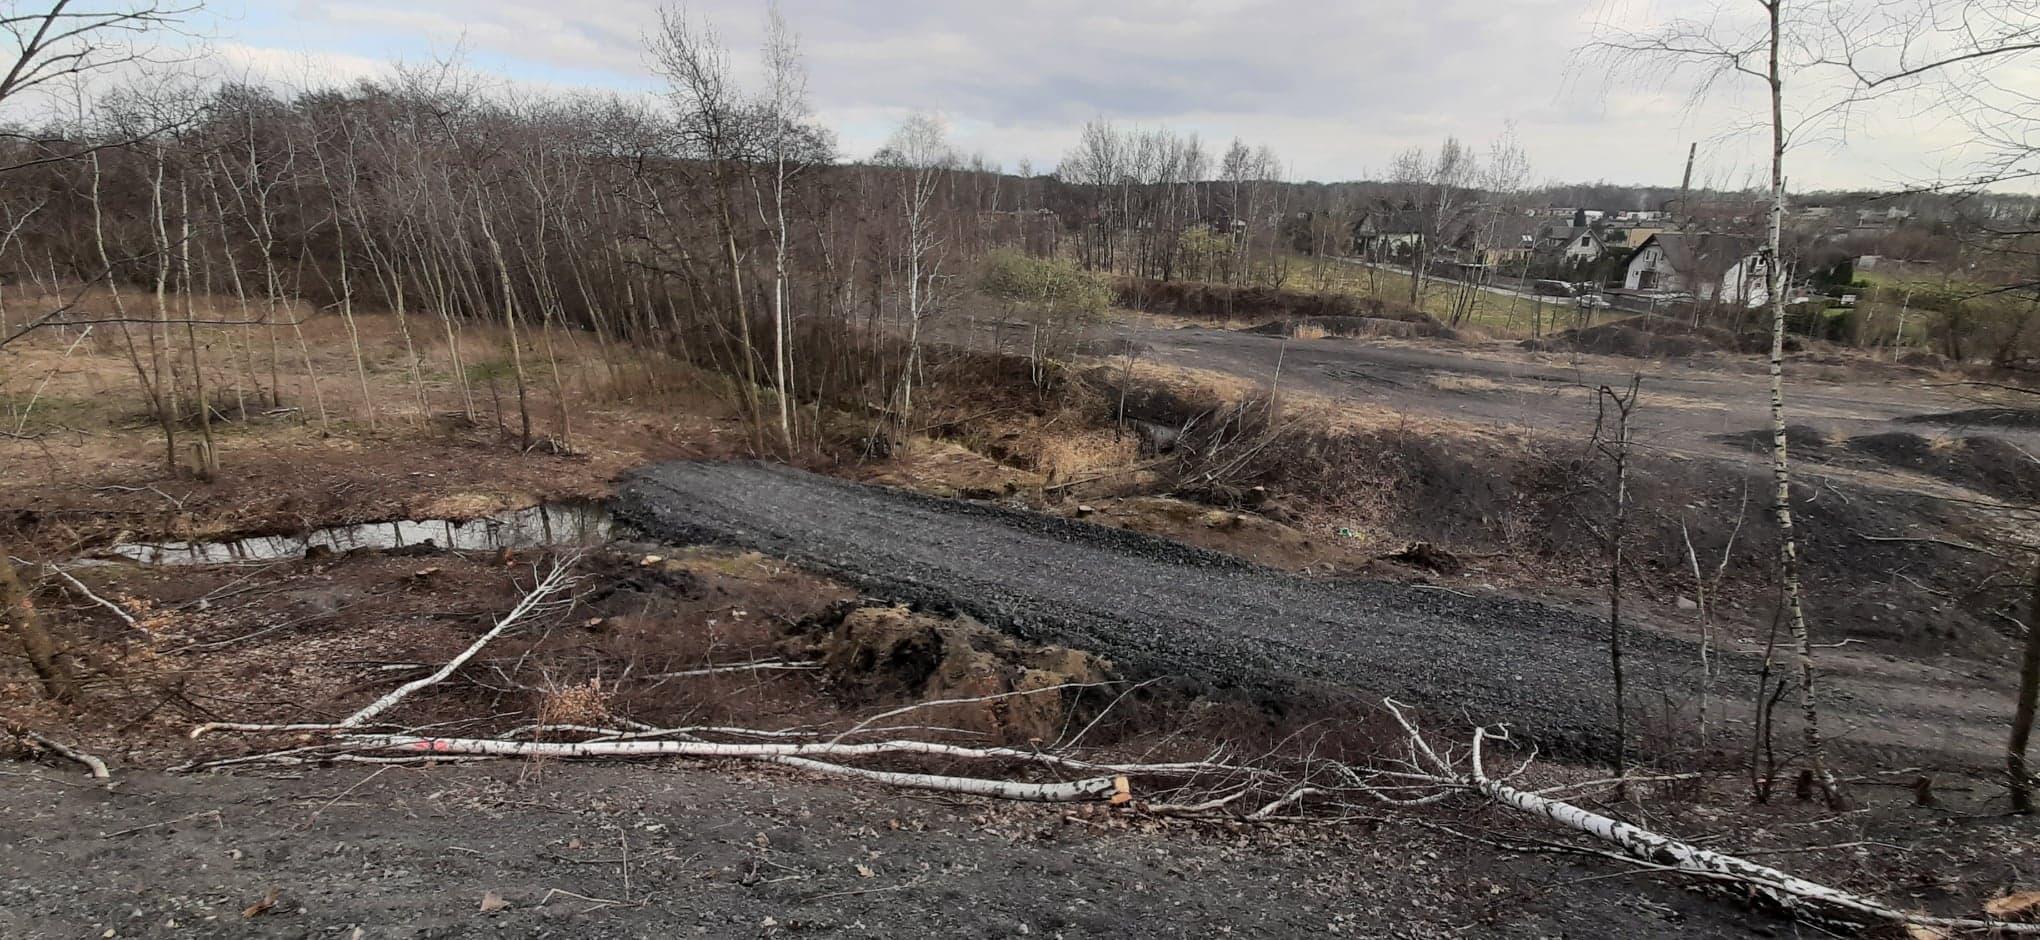 Nowa droga pod hałdami – kolejne problemy mieszkańców